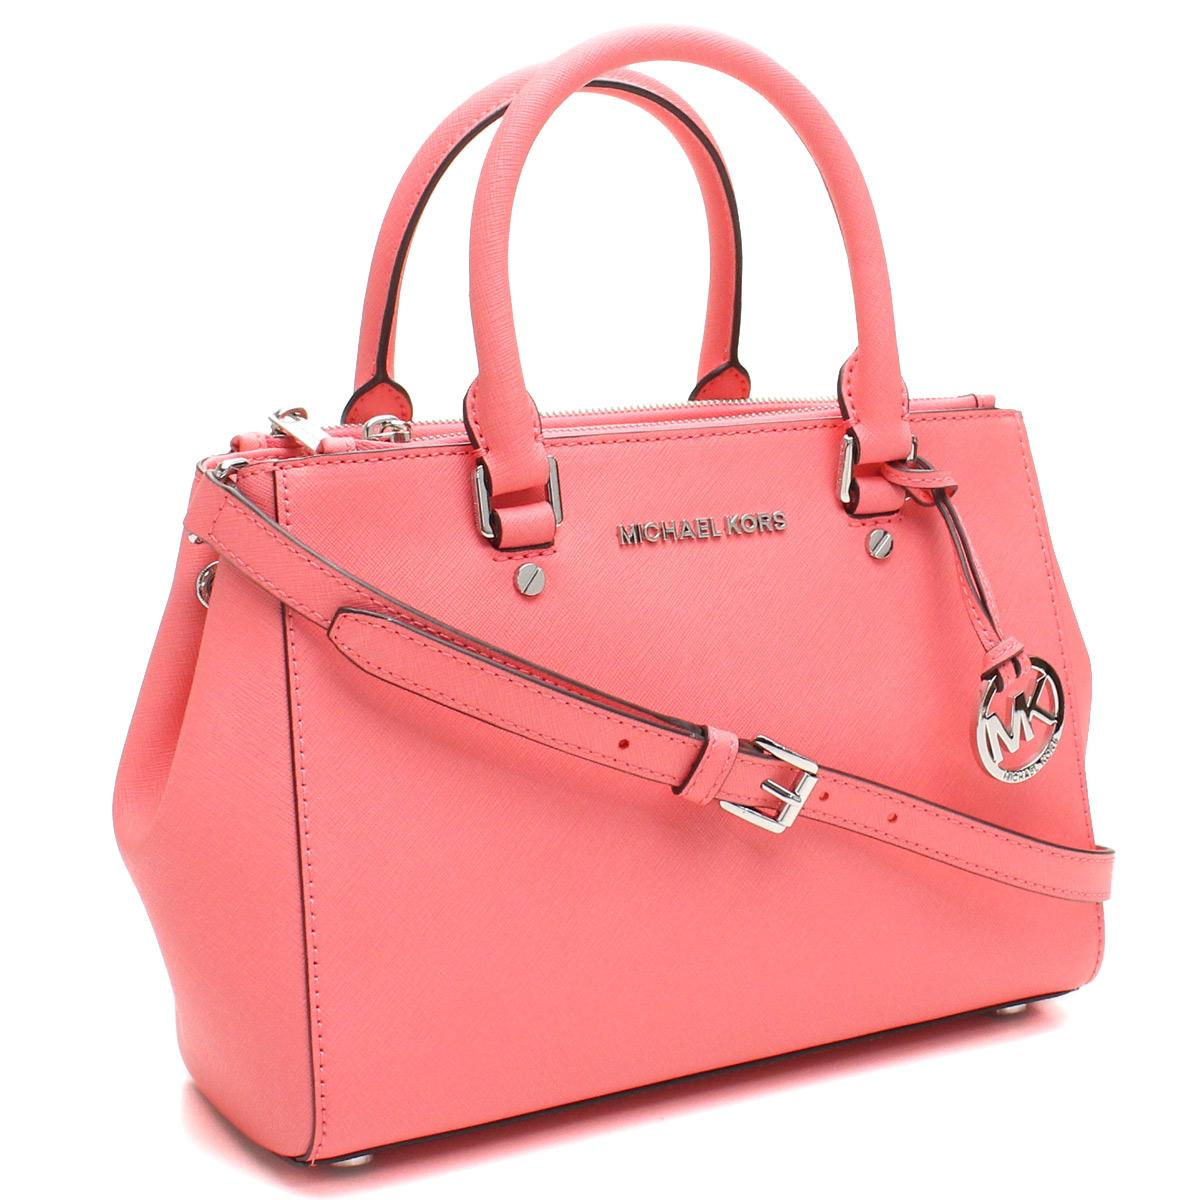 0f9114000bbb michael kors coral handbag Sale